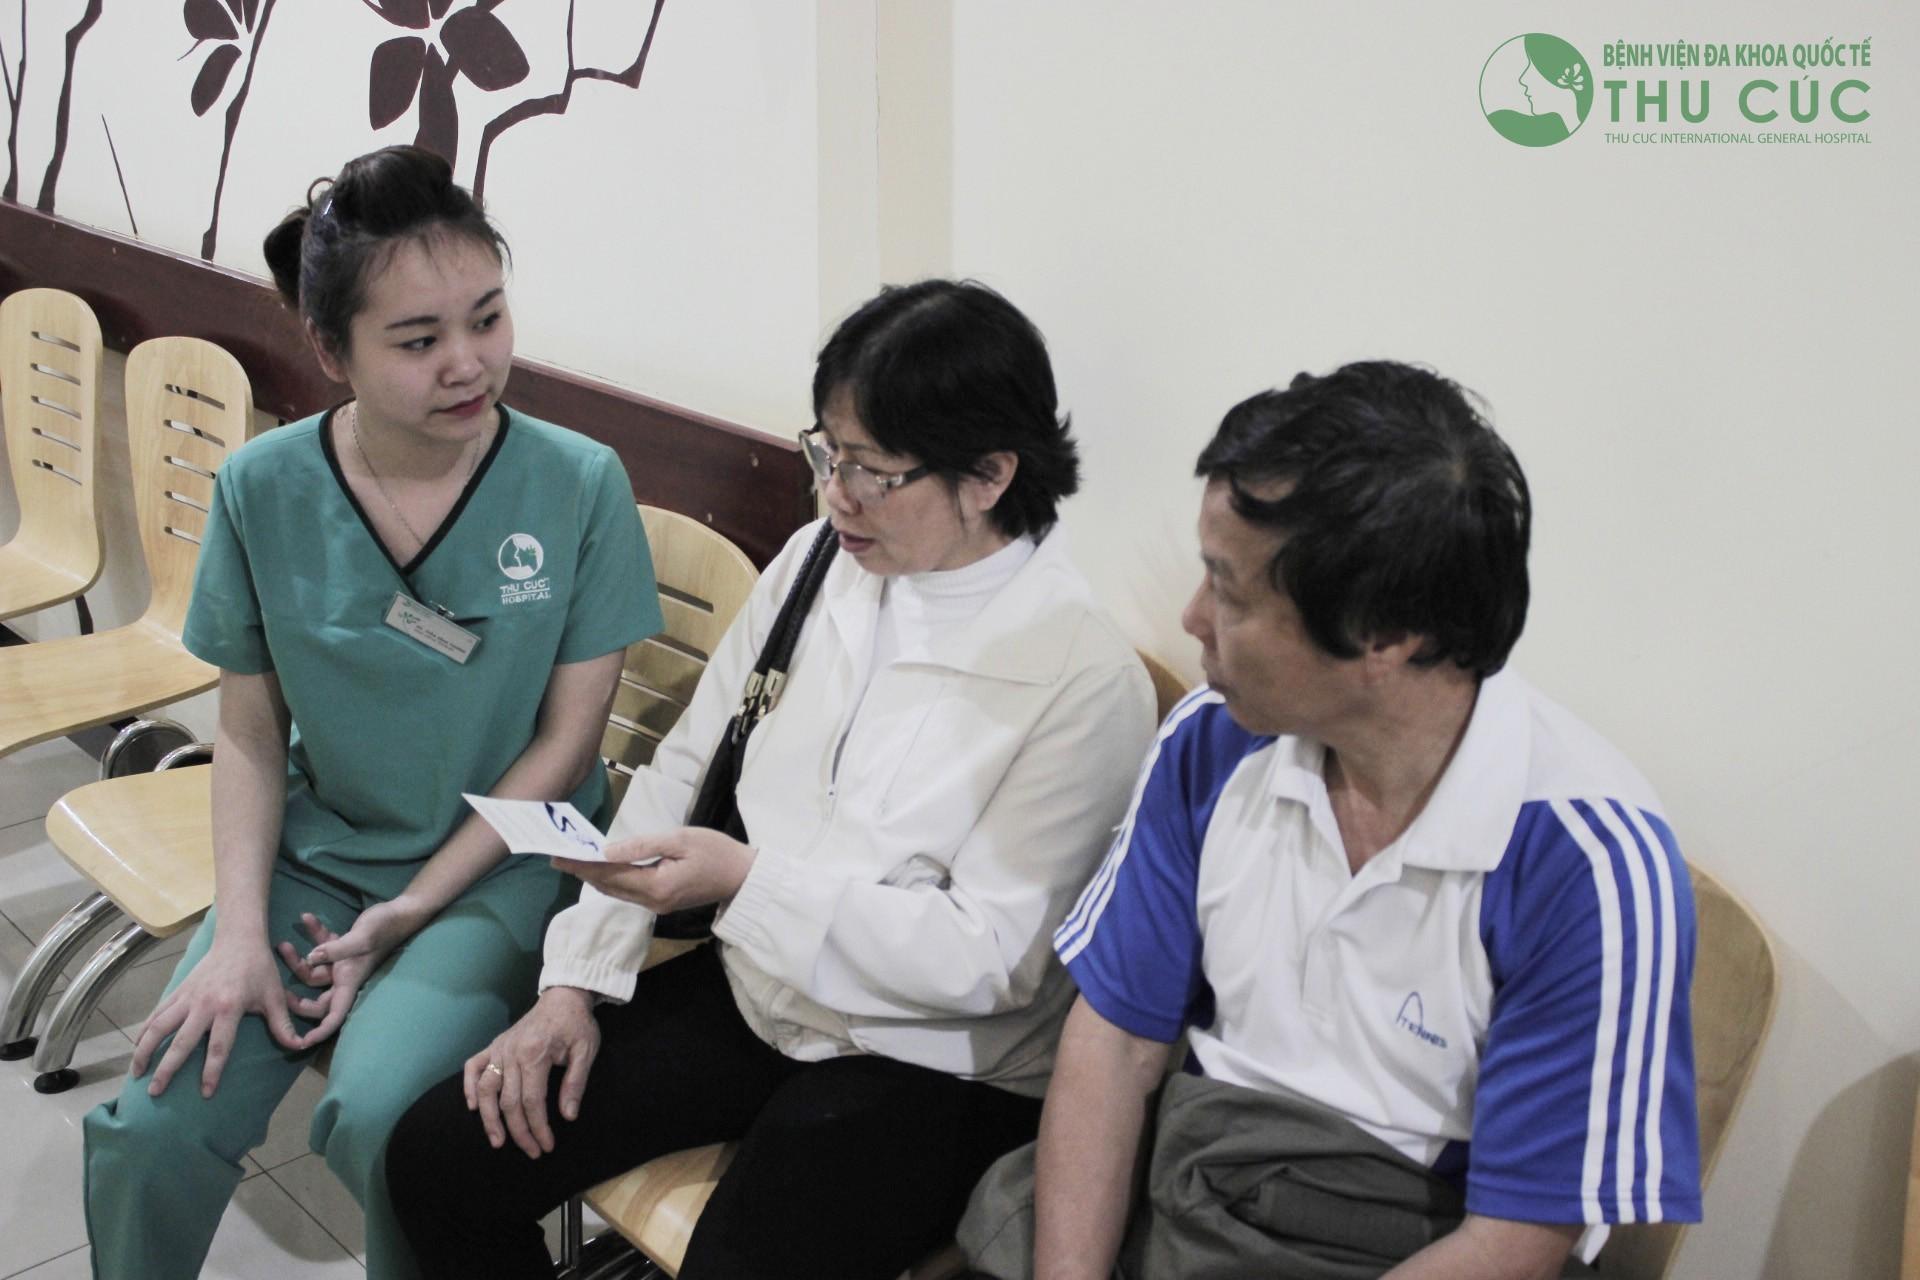 Khám sức khỏe định kỳ cho trường học